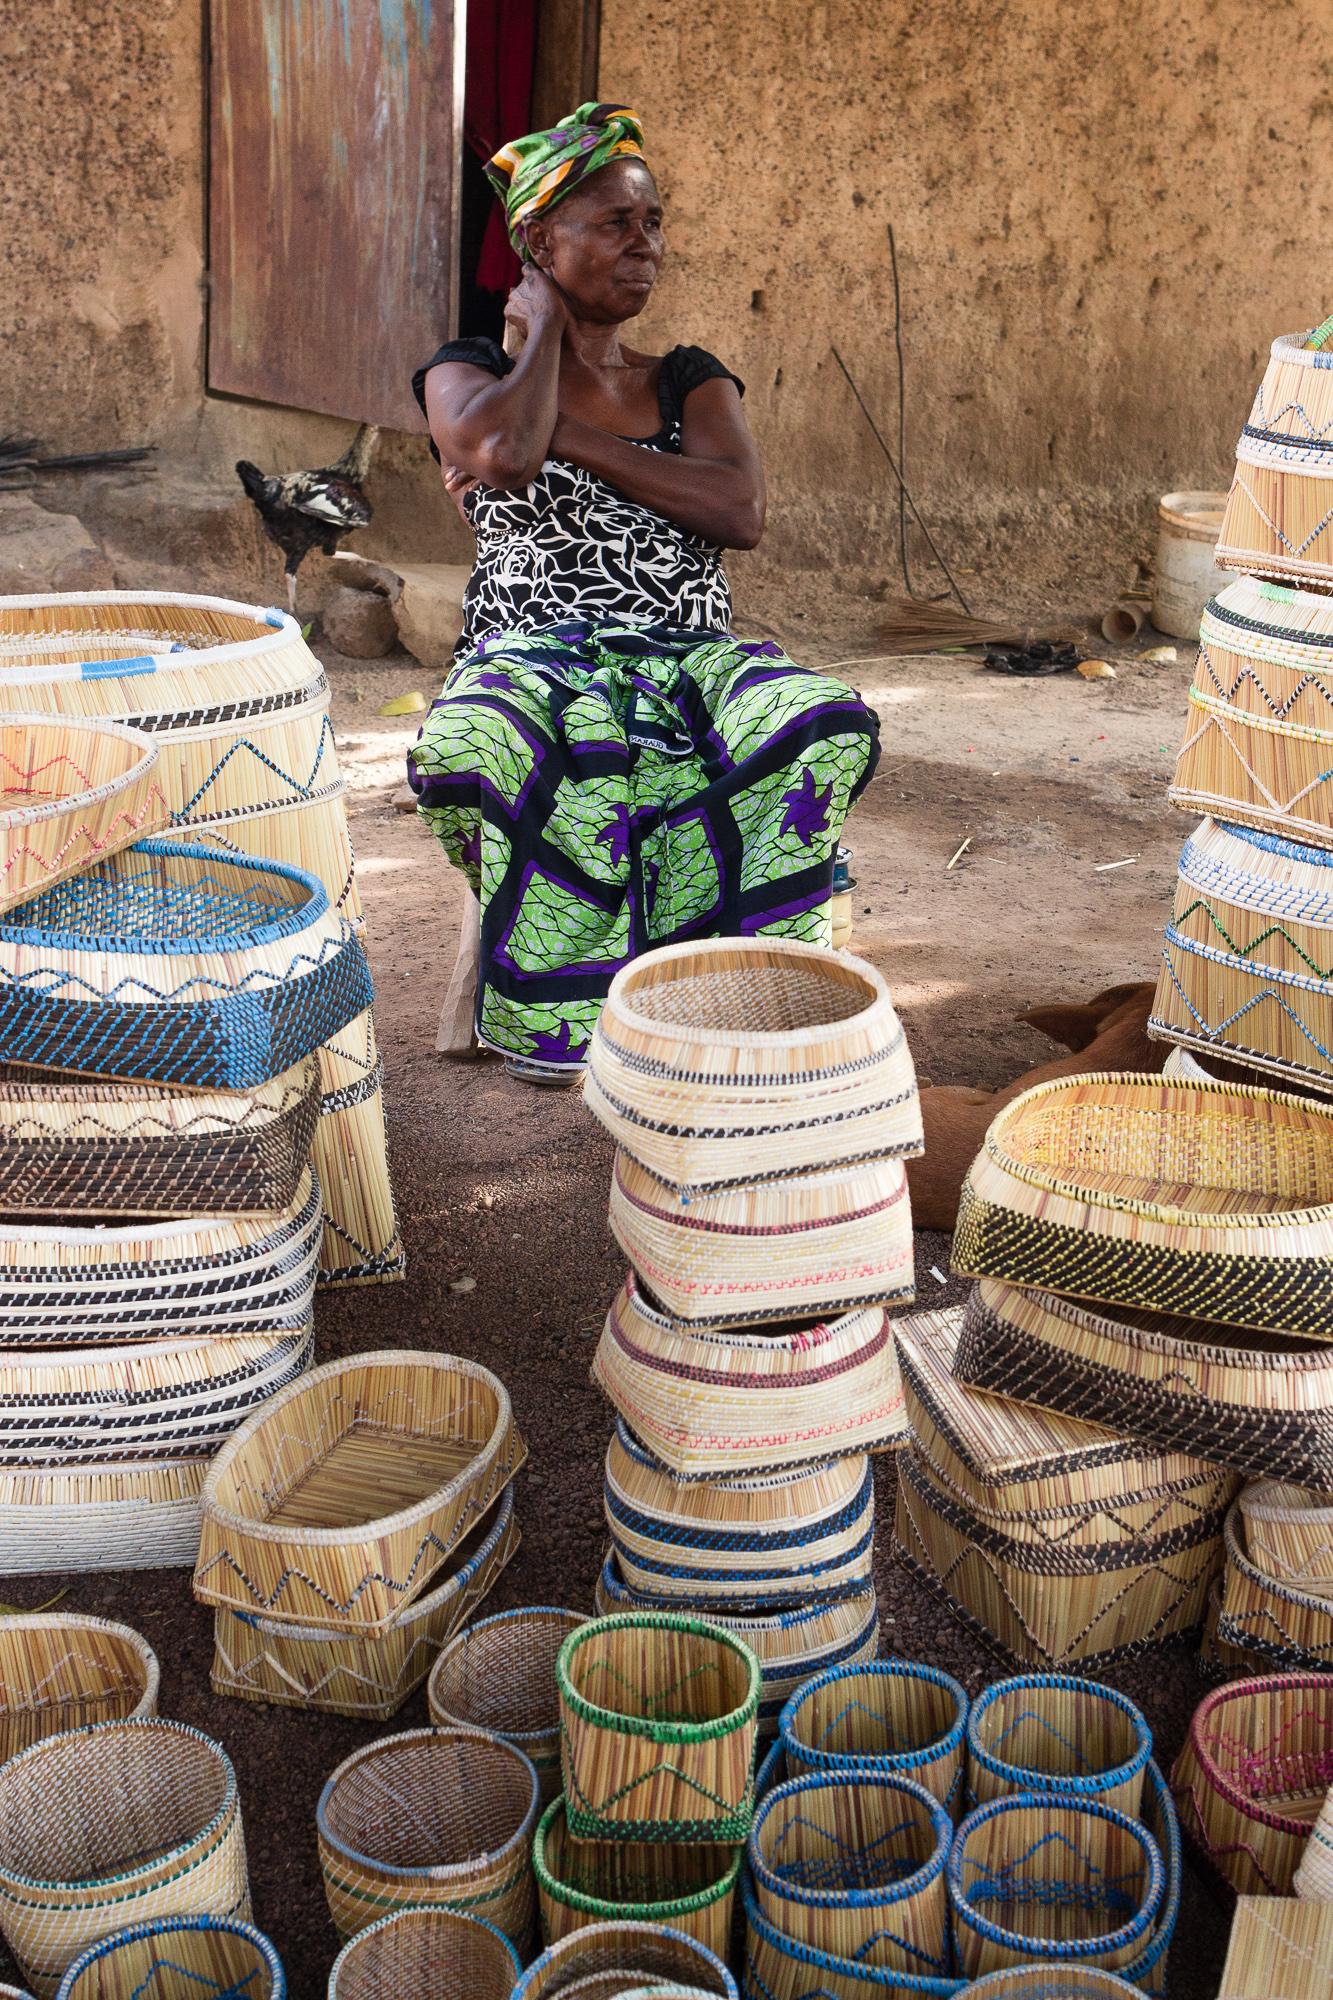 Corbeilles tressées d'un village d'artisans Lobi dans la région de Gaoua, Burkina Faso